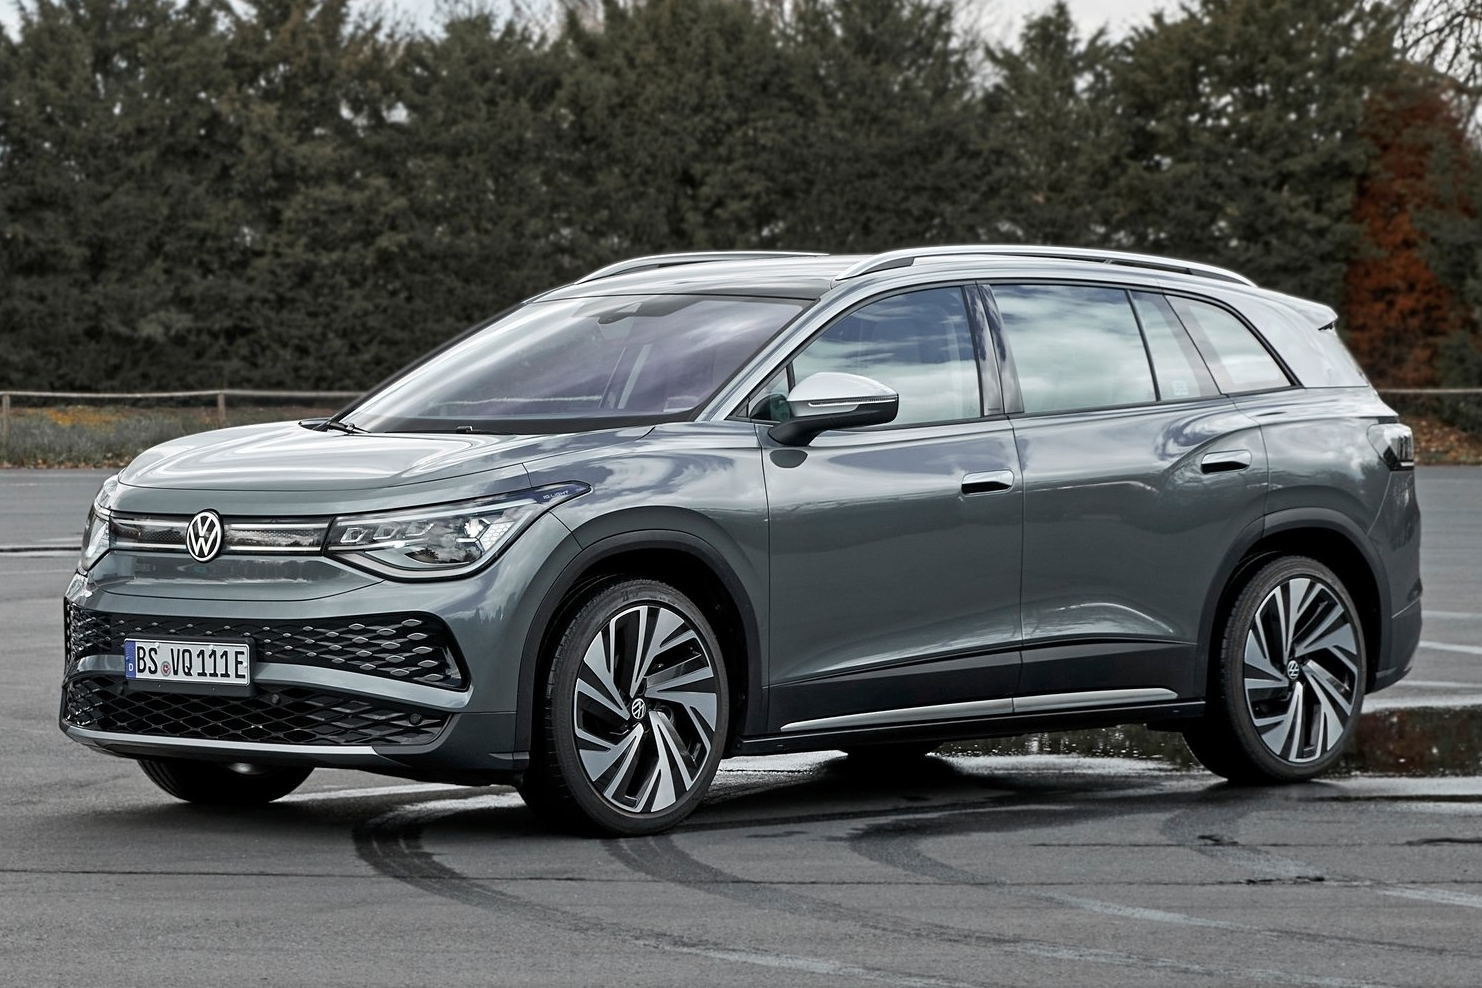 Volkswagen-ID.6_CN-Version-2022-1600-01 (1)